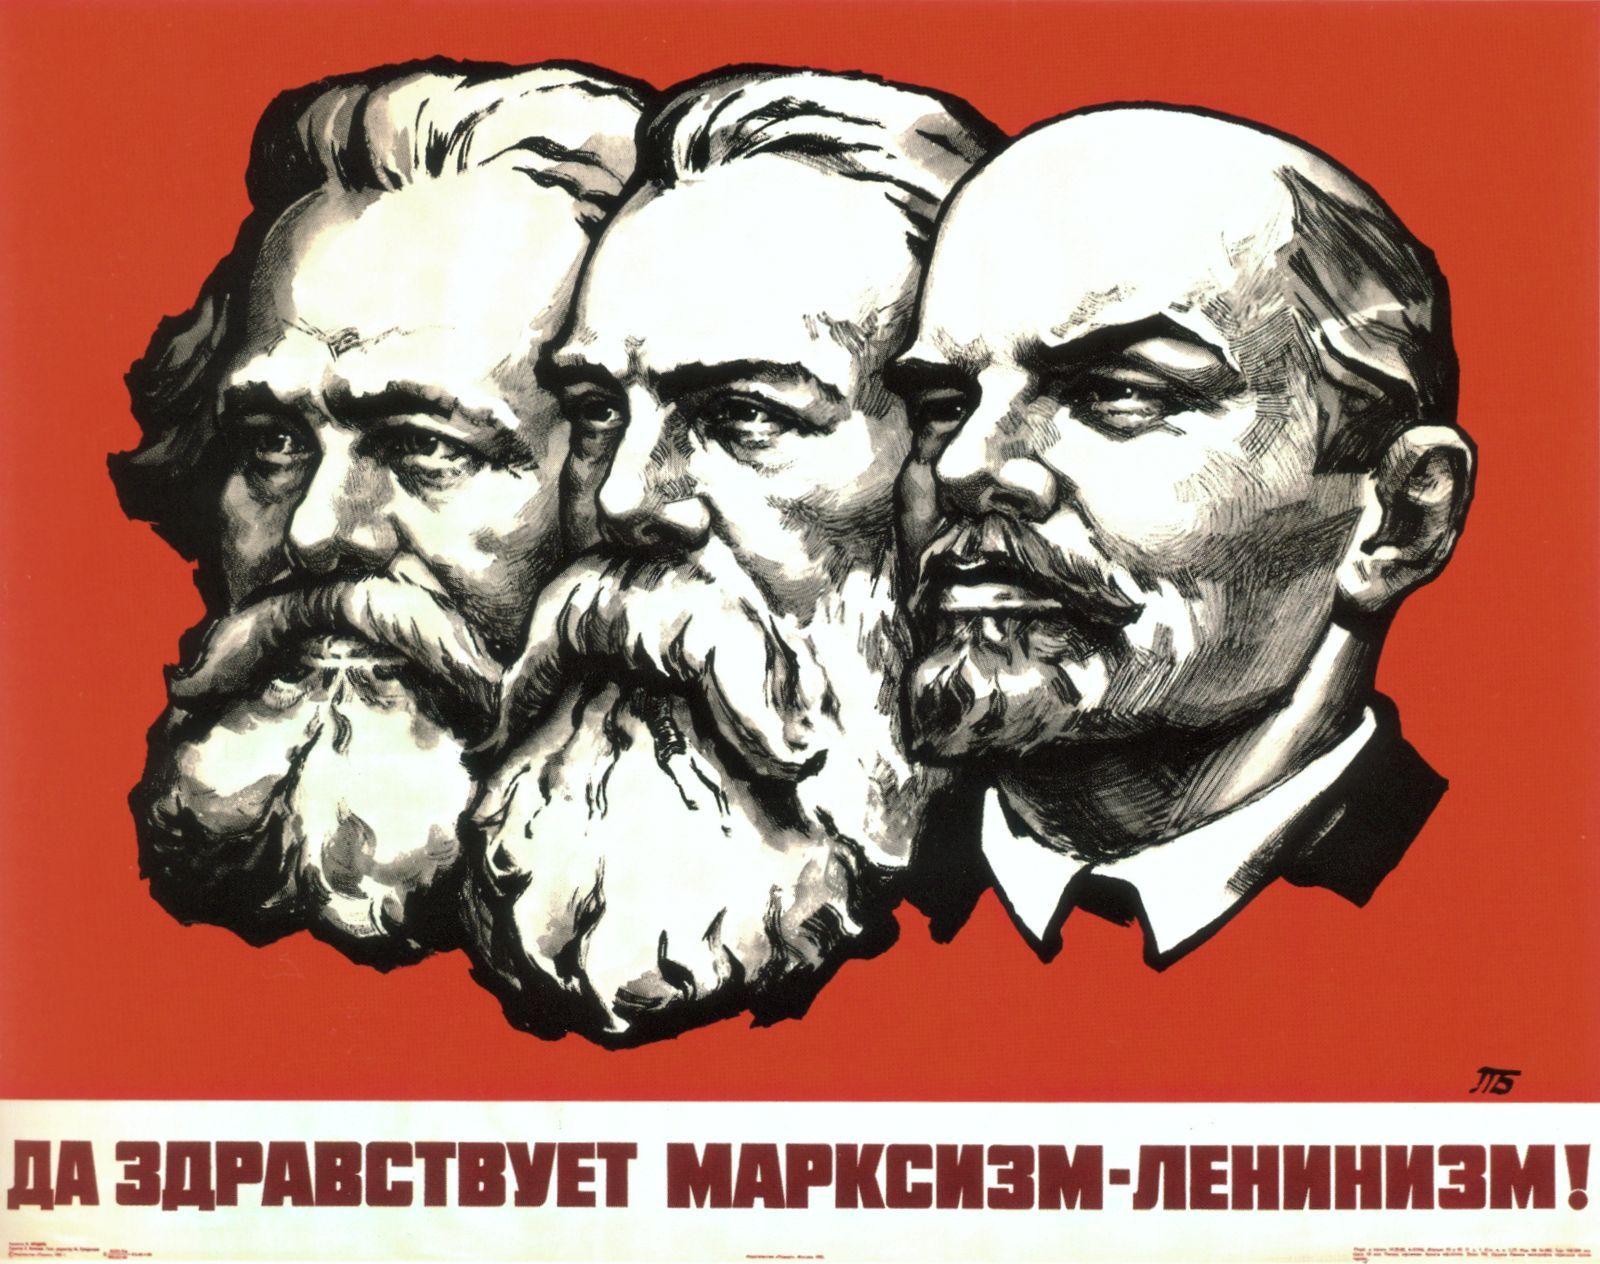 En general, ¿qué opinas del comunismo?